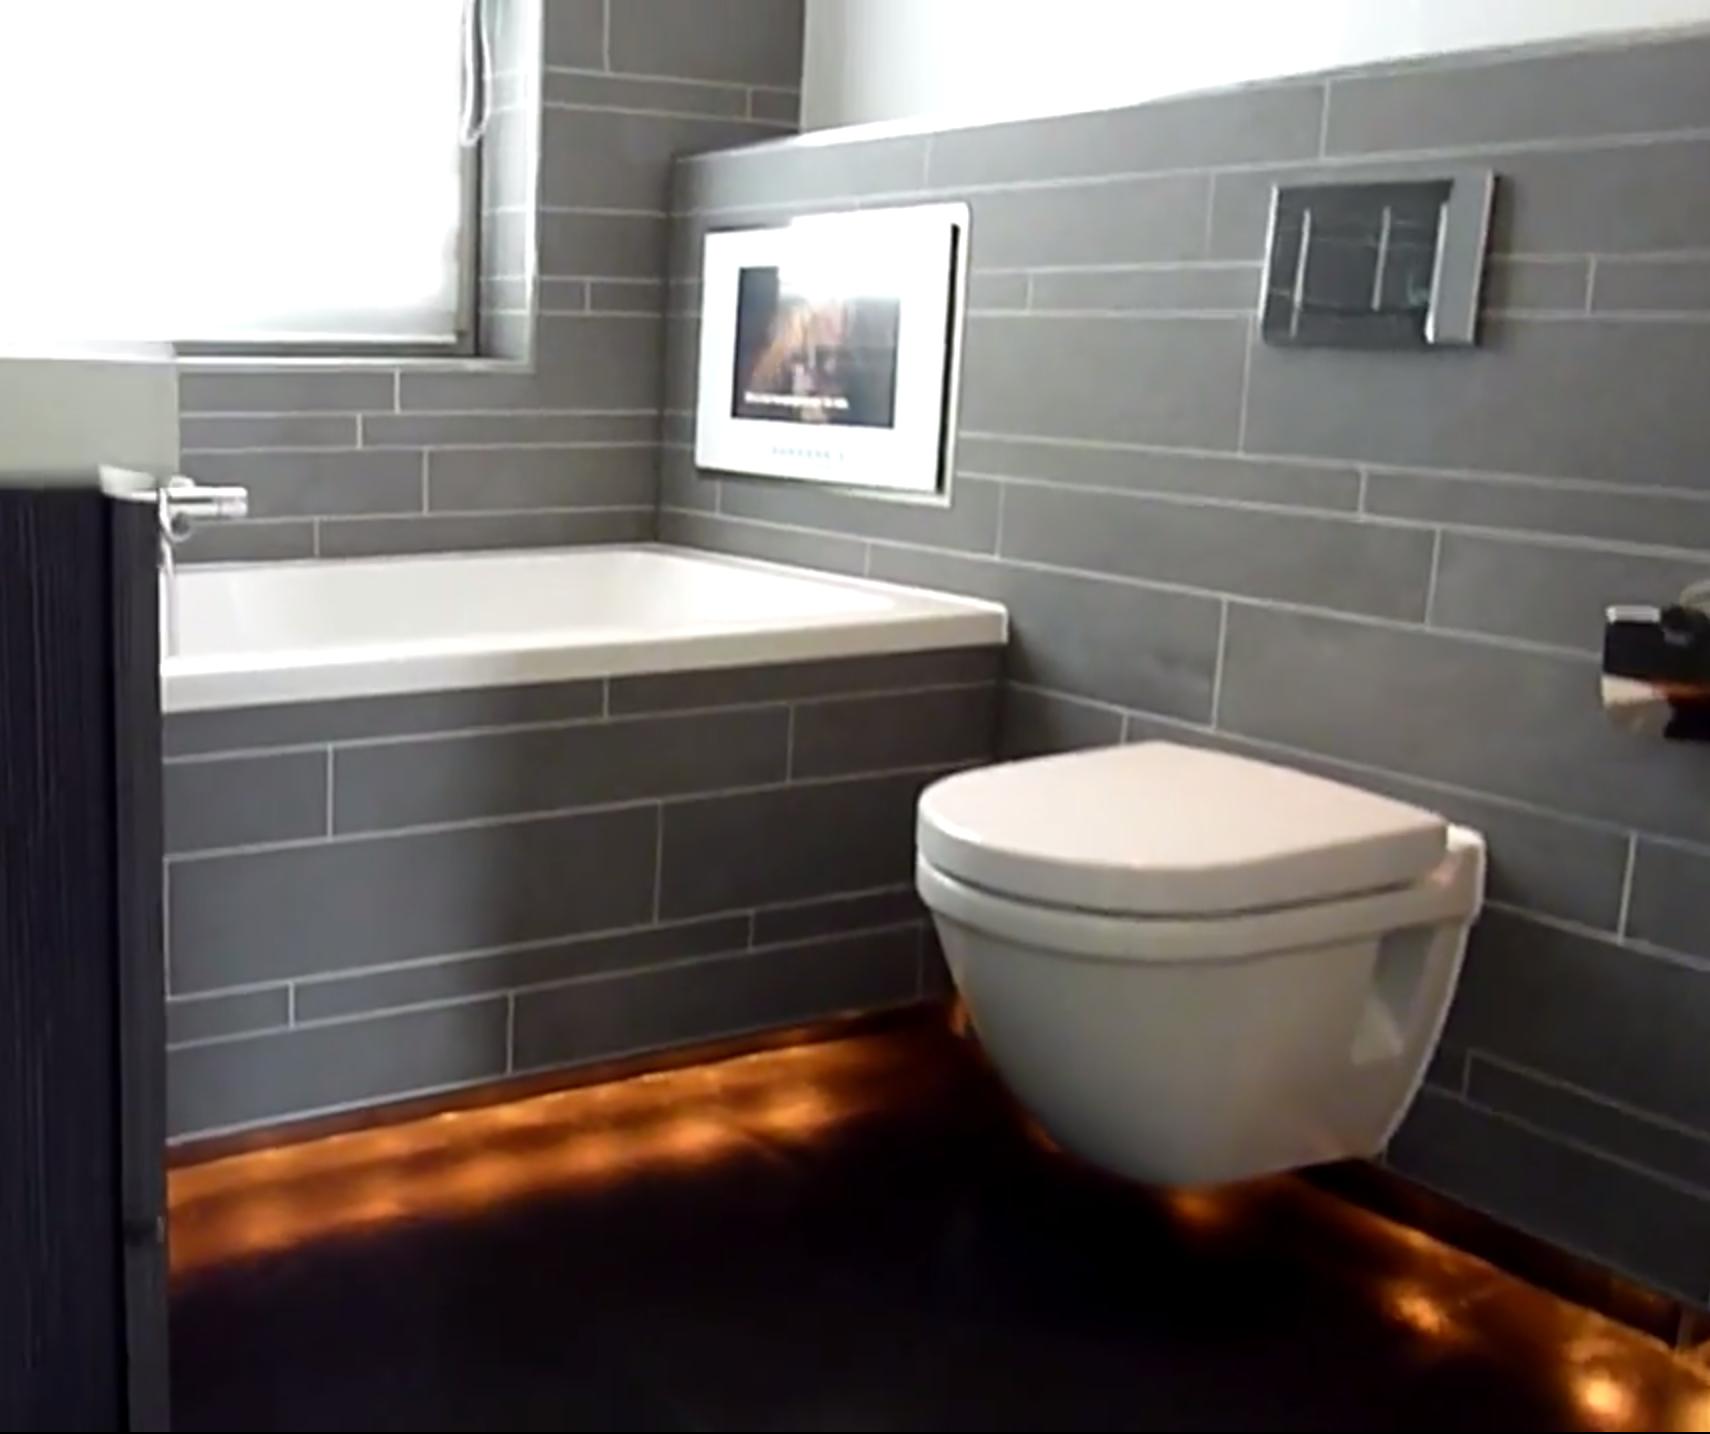 Mooie verlichting onder bad en toilet | Badkamer | Pinterest | Om